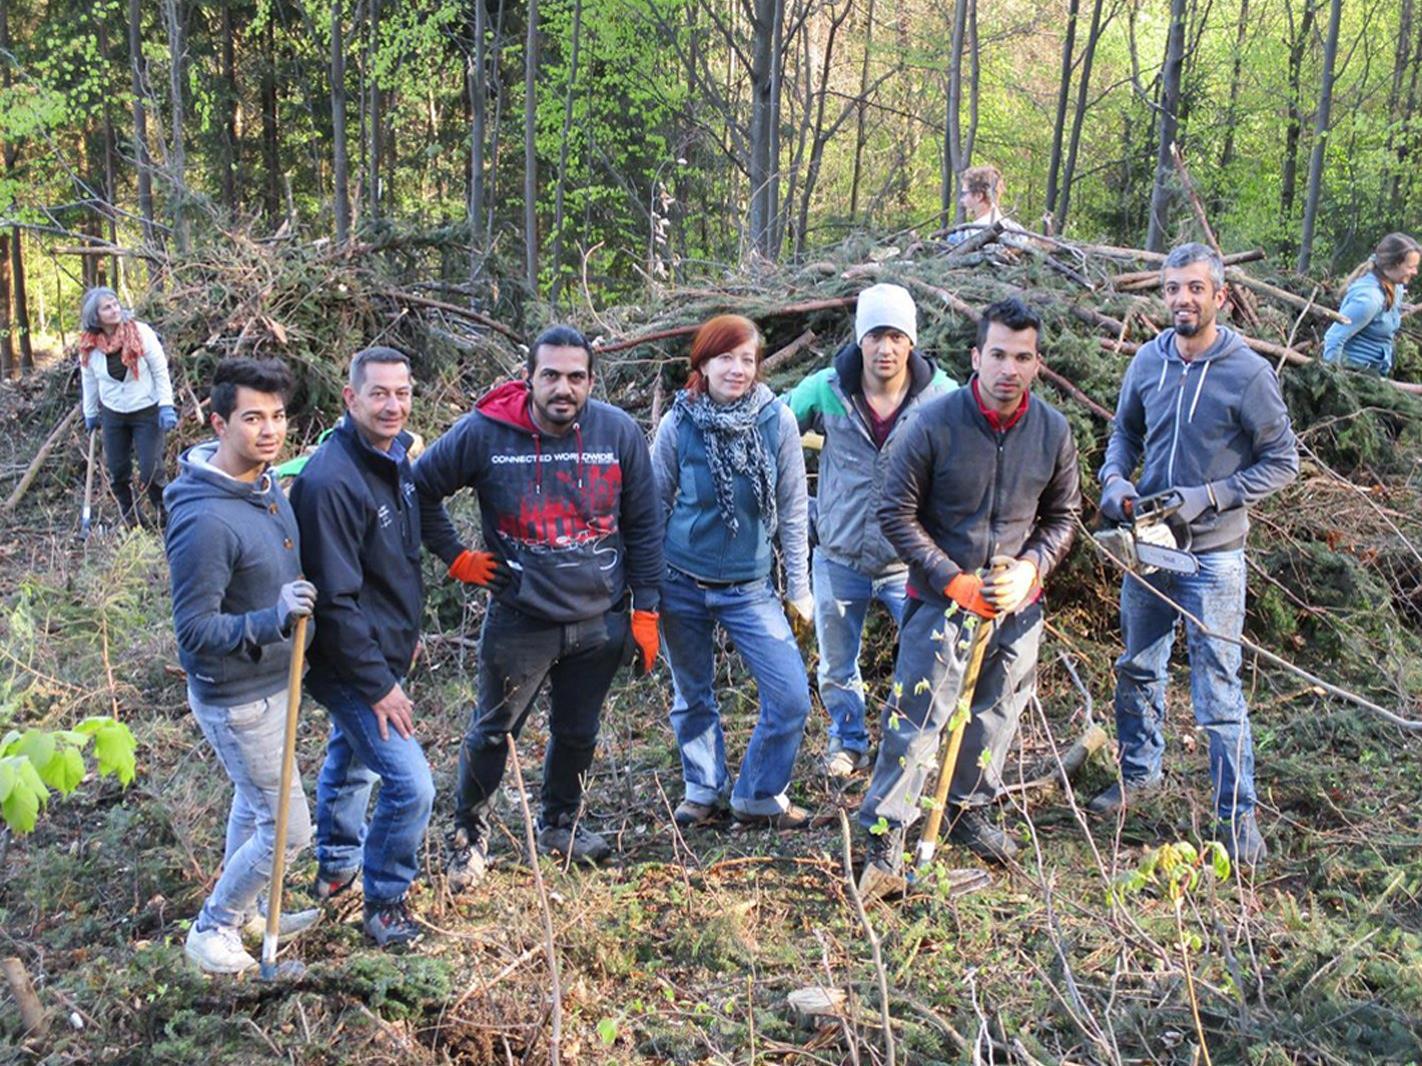 Erstmals halfen auch Flüchtlinge bei der Aufforstungsaktion in den Hohenemser Waldungen mit.